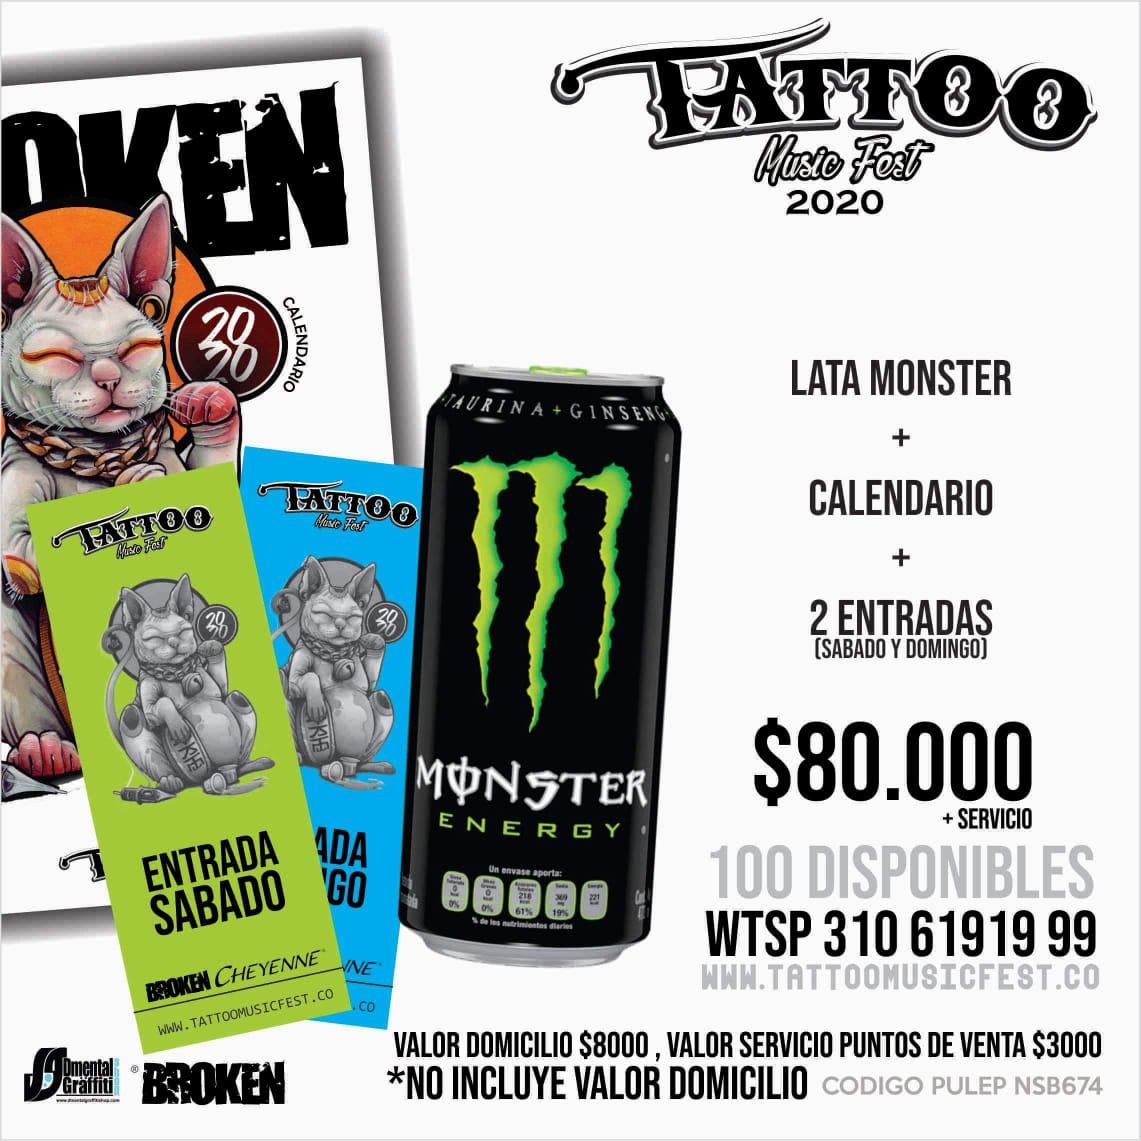 tmf2020entradas_monster